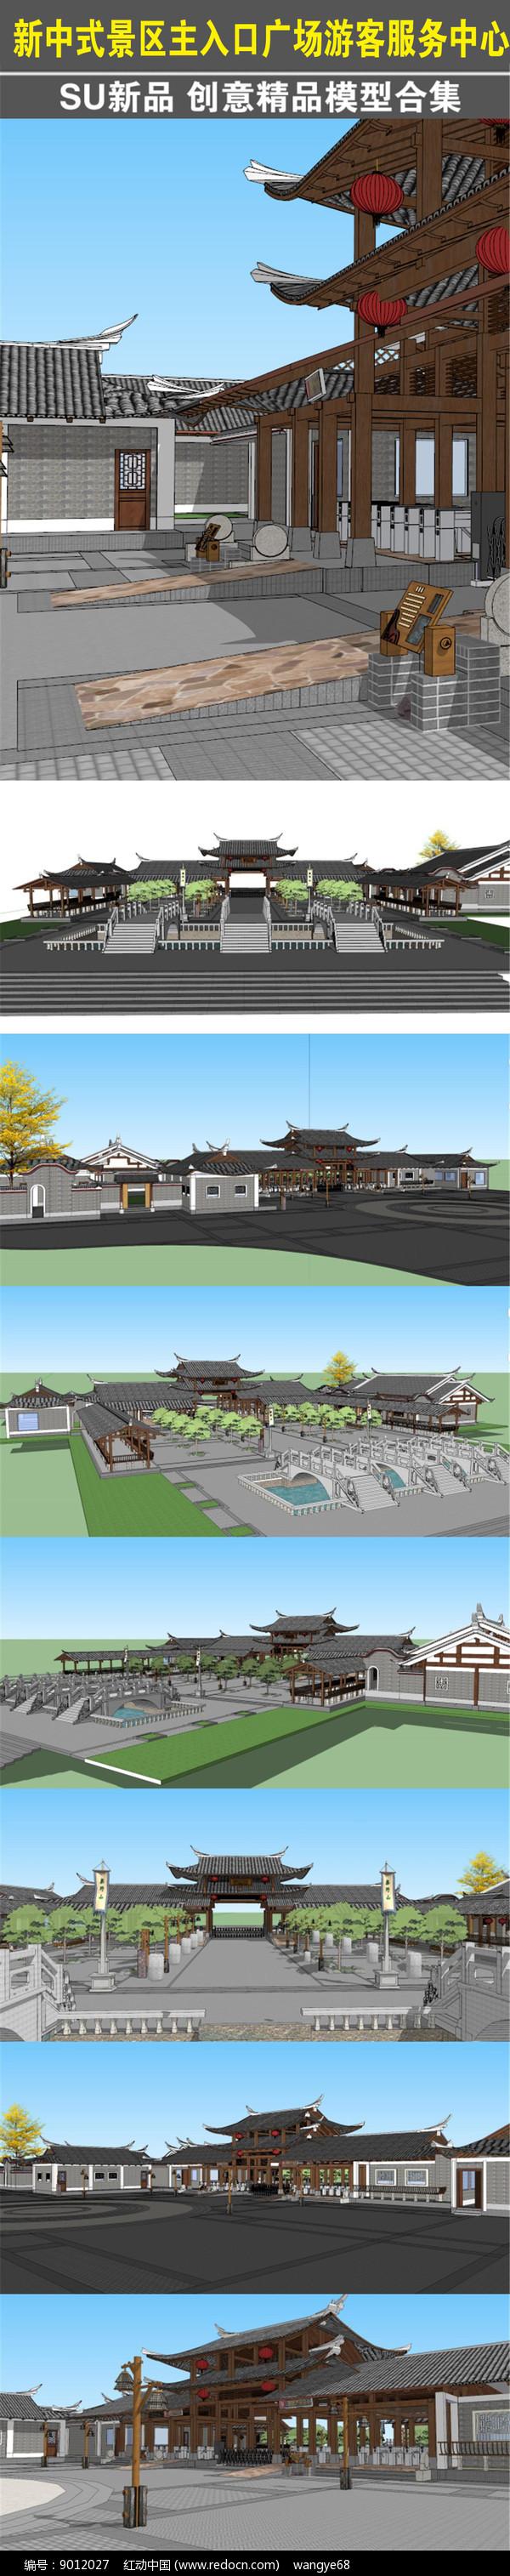 新中式景区广场游客服务中心图片